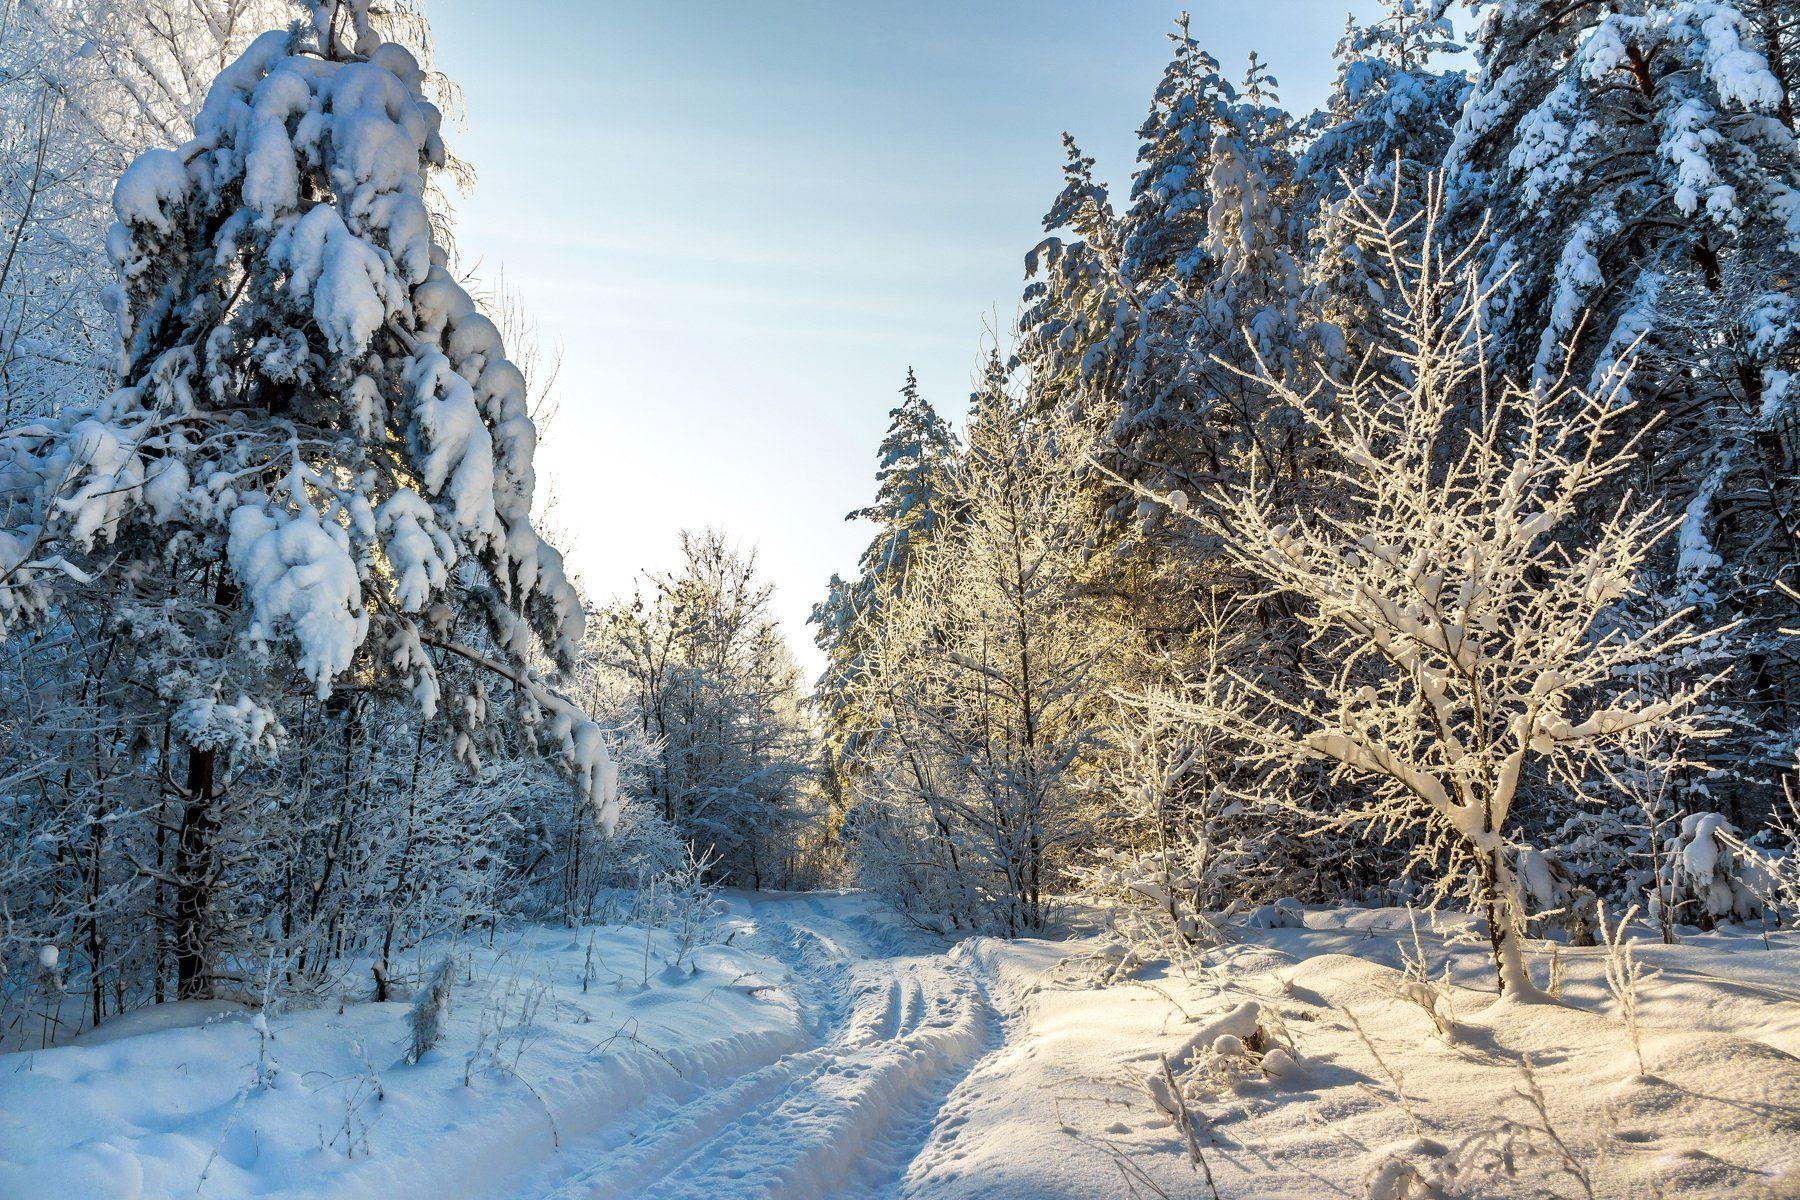 лес, зима, иней, мороз, рождество, снег, берёзы, сосны, заповедник, усмань, лыжня, Руслан Востриков